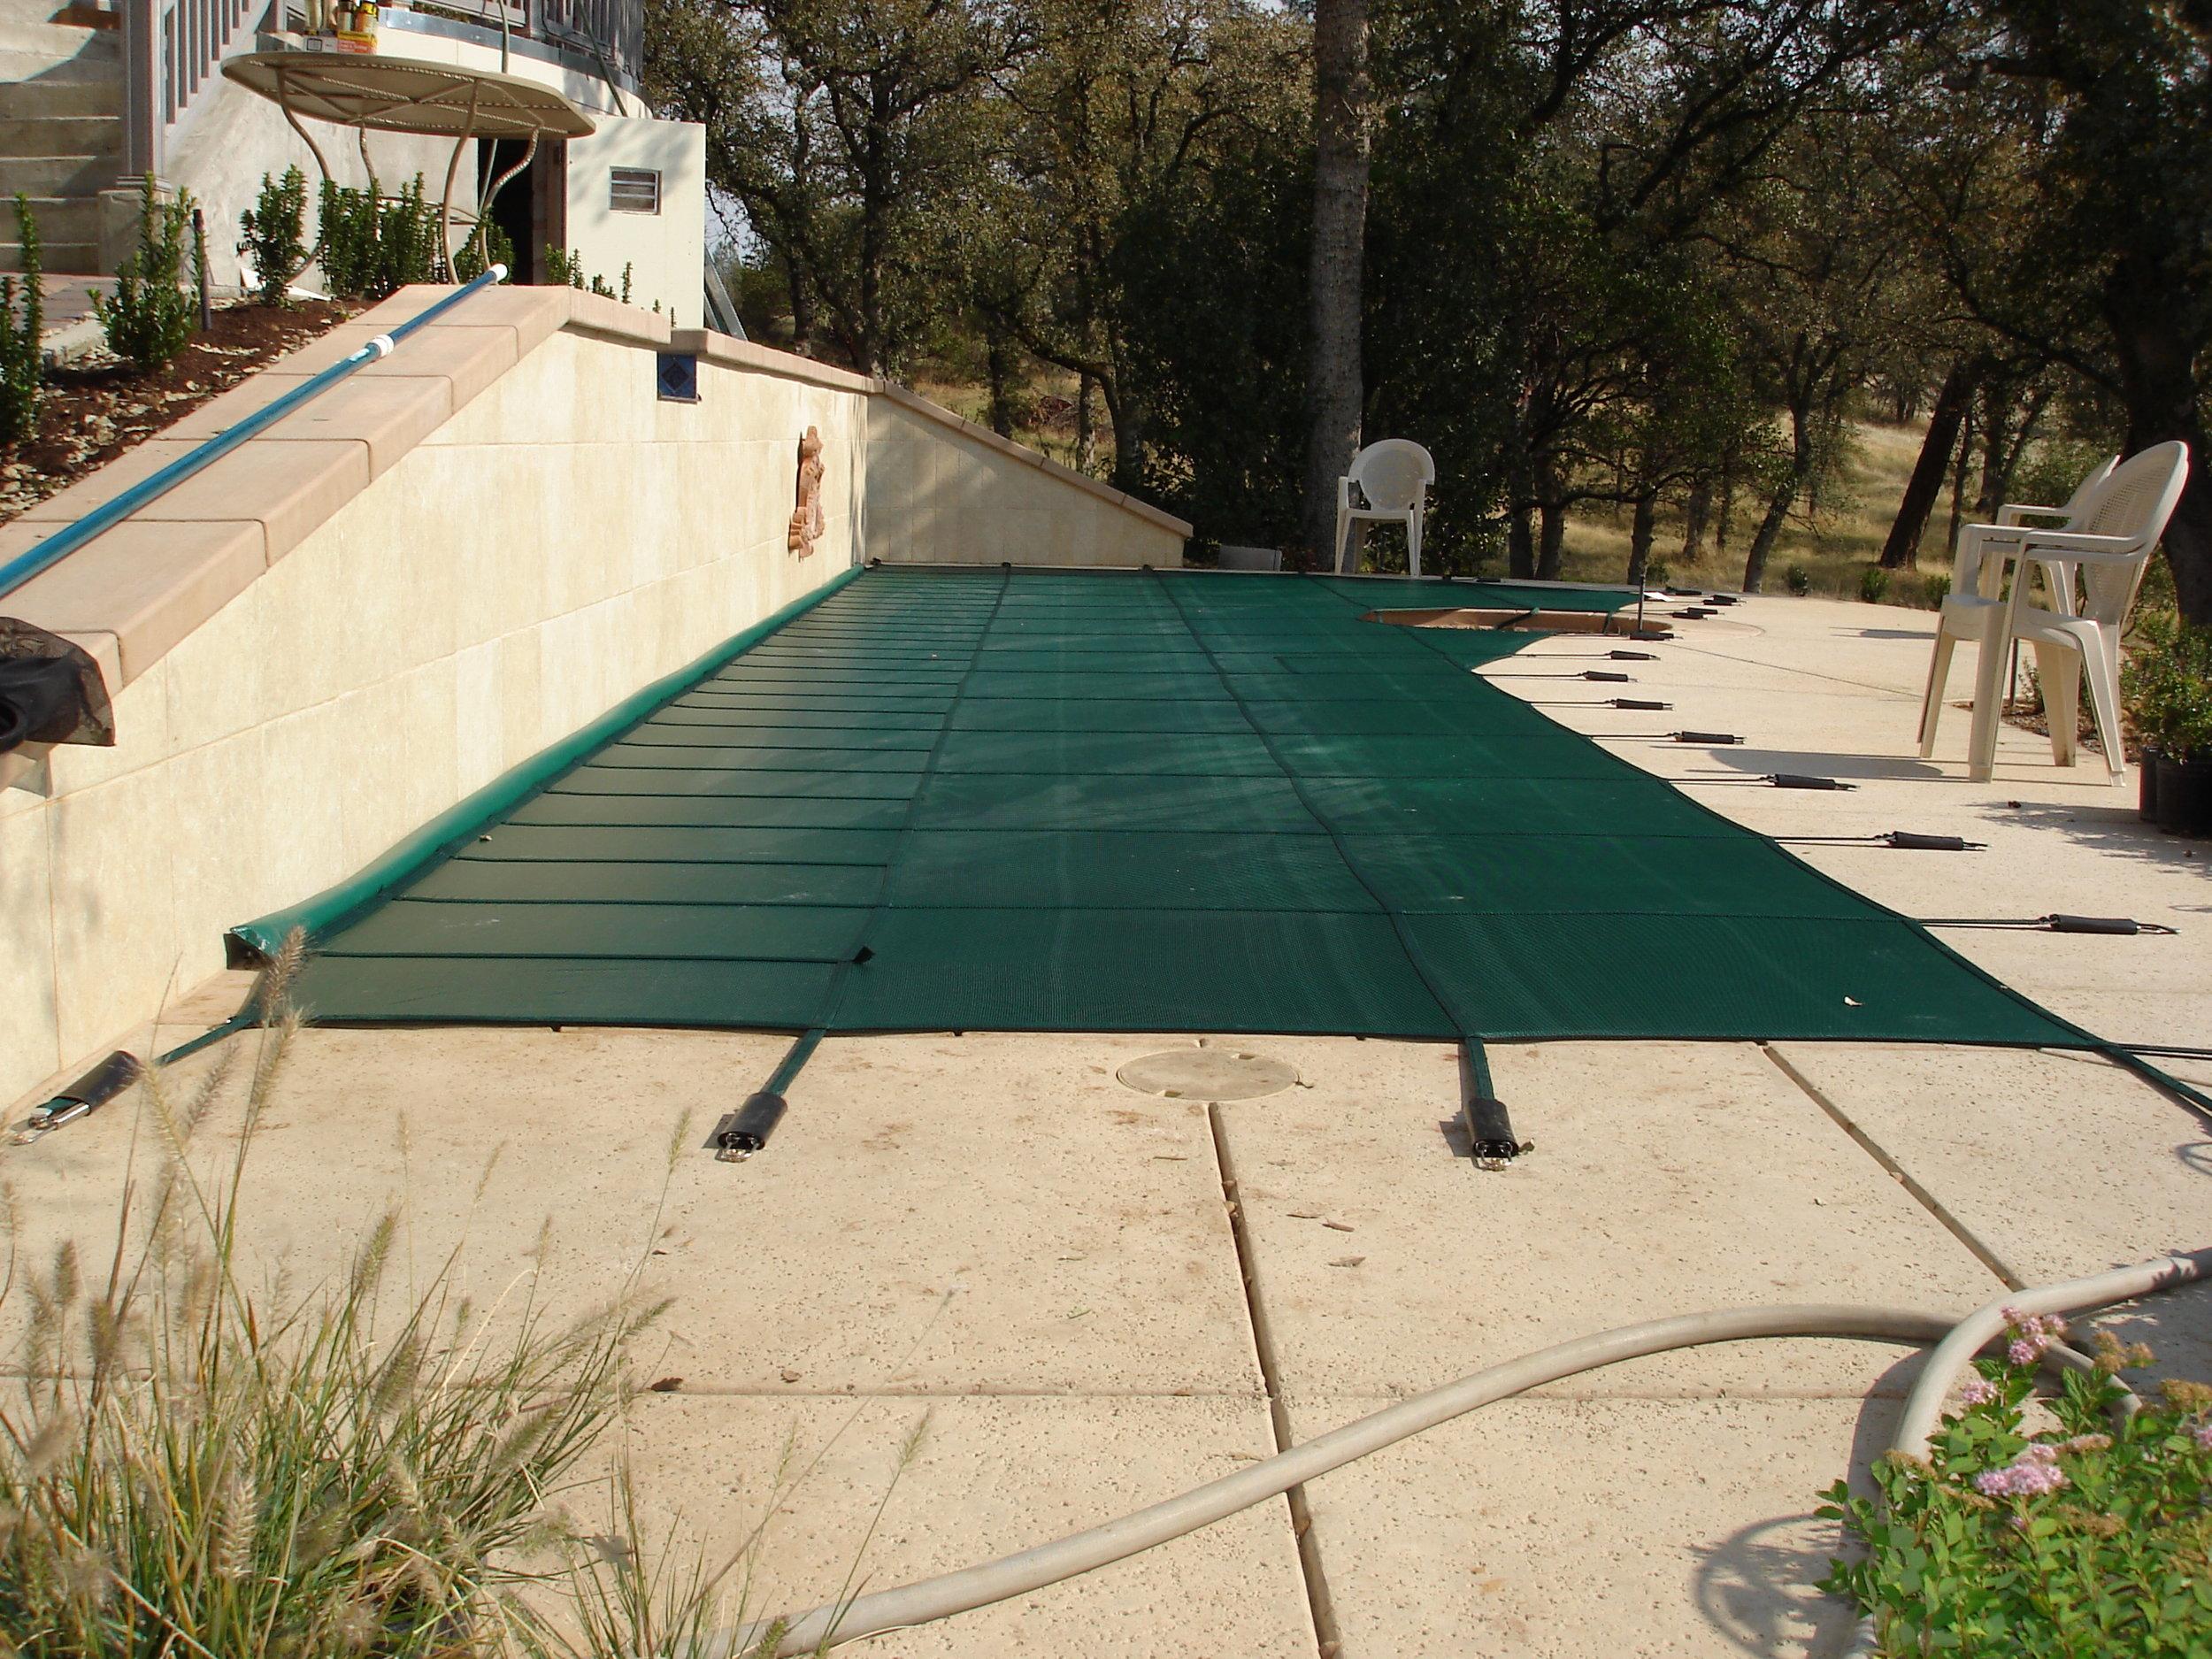 Pool Cover_3.jpg